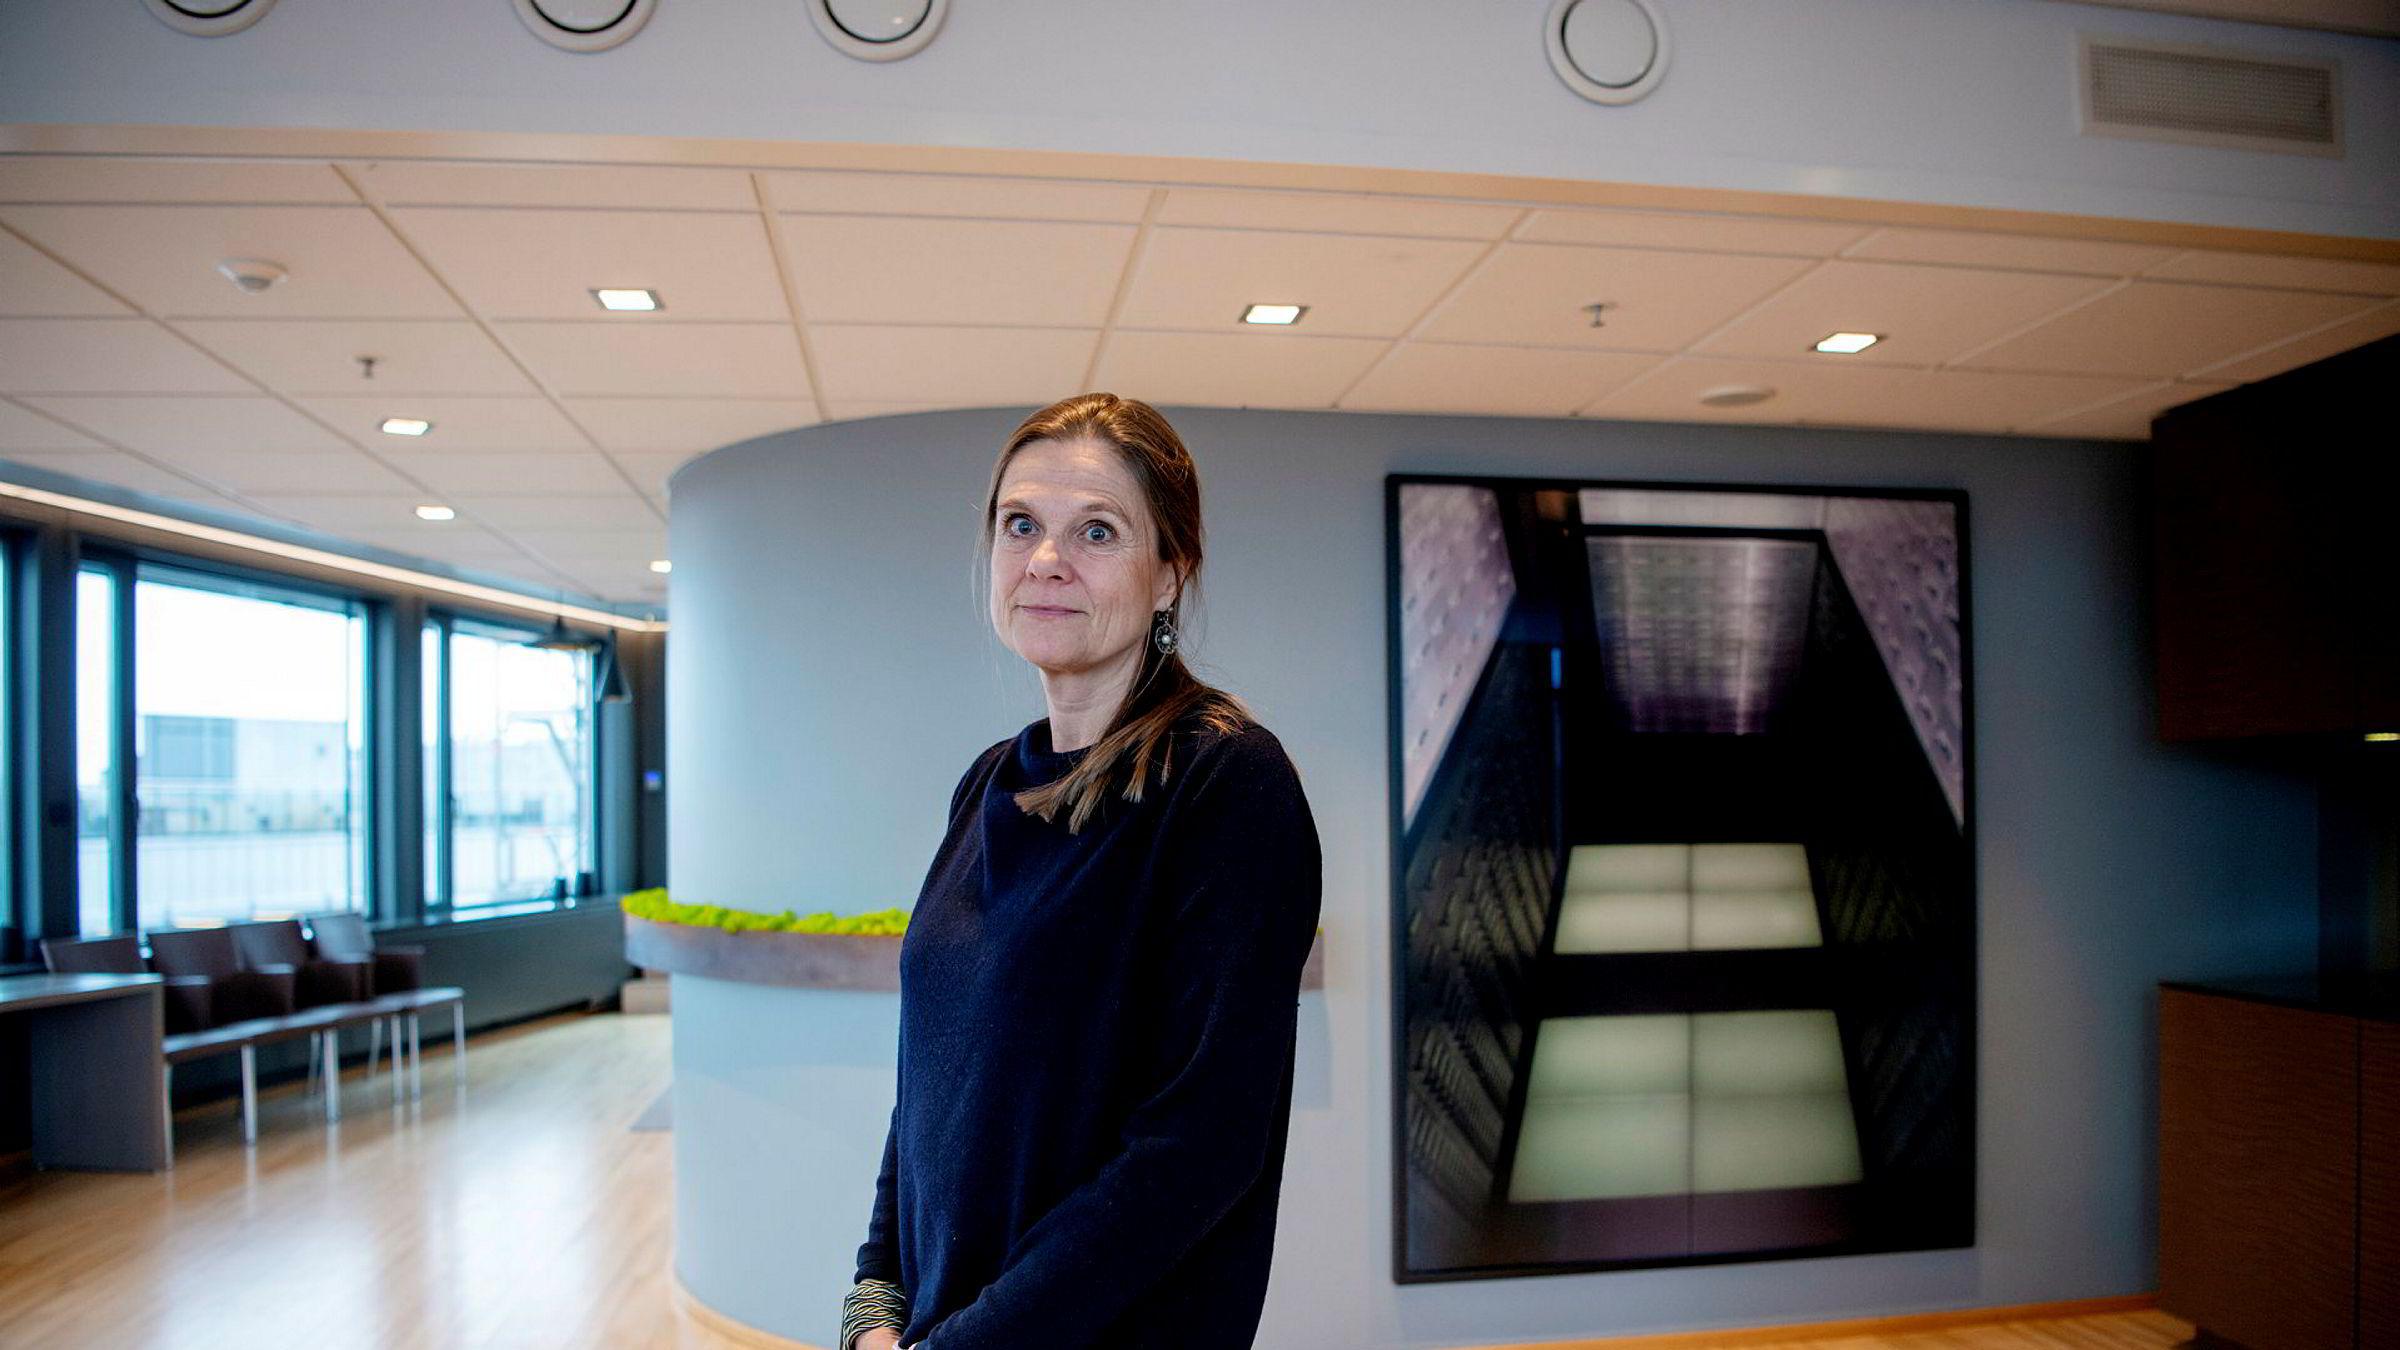 Kunstrådgiver Nina Sørlie i SEB forvaltet tidligere samlingen til Christen Sveaas. Nå gir hun råd til kunstinteresserte på vegne av SEB.